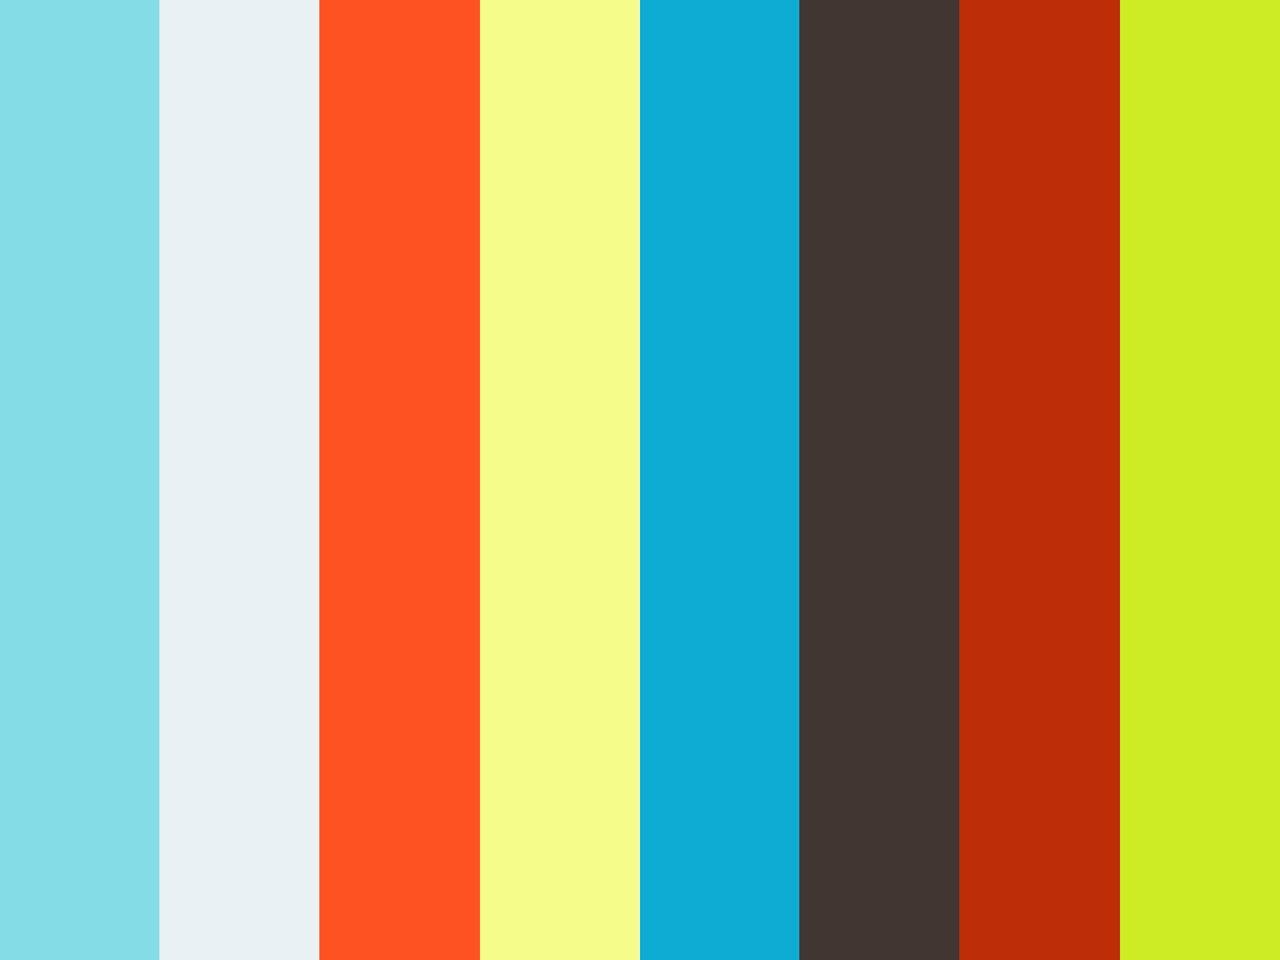 Conrad Francis - CARIFTA Games 2016 Launch